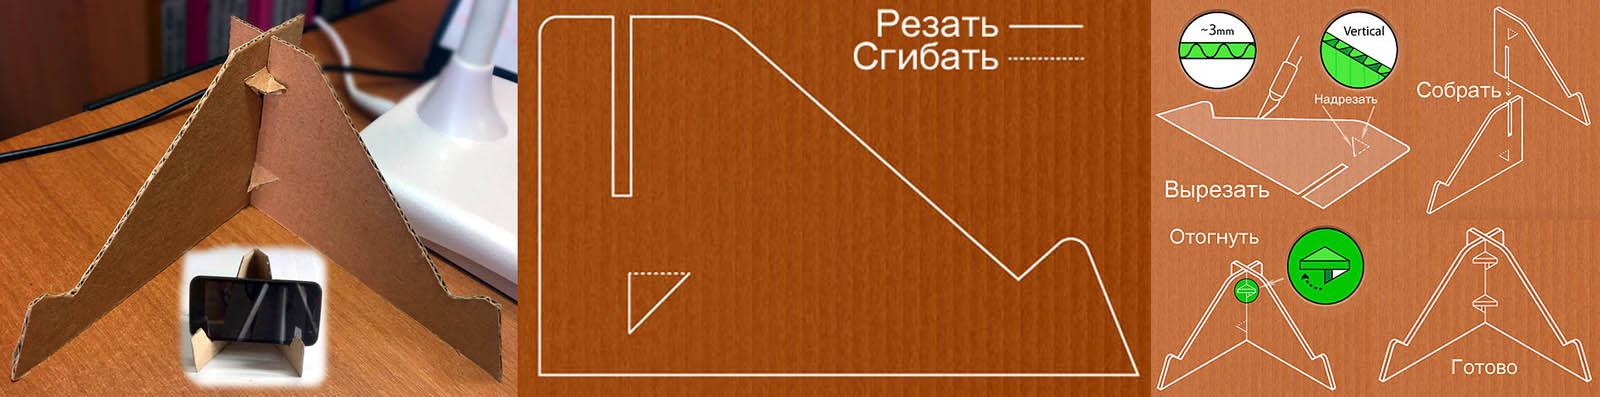 Простейшая подставка для телефона из картона